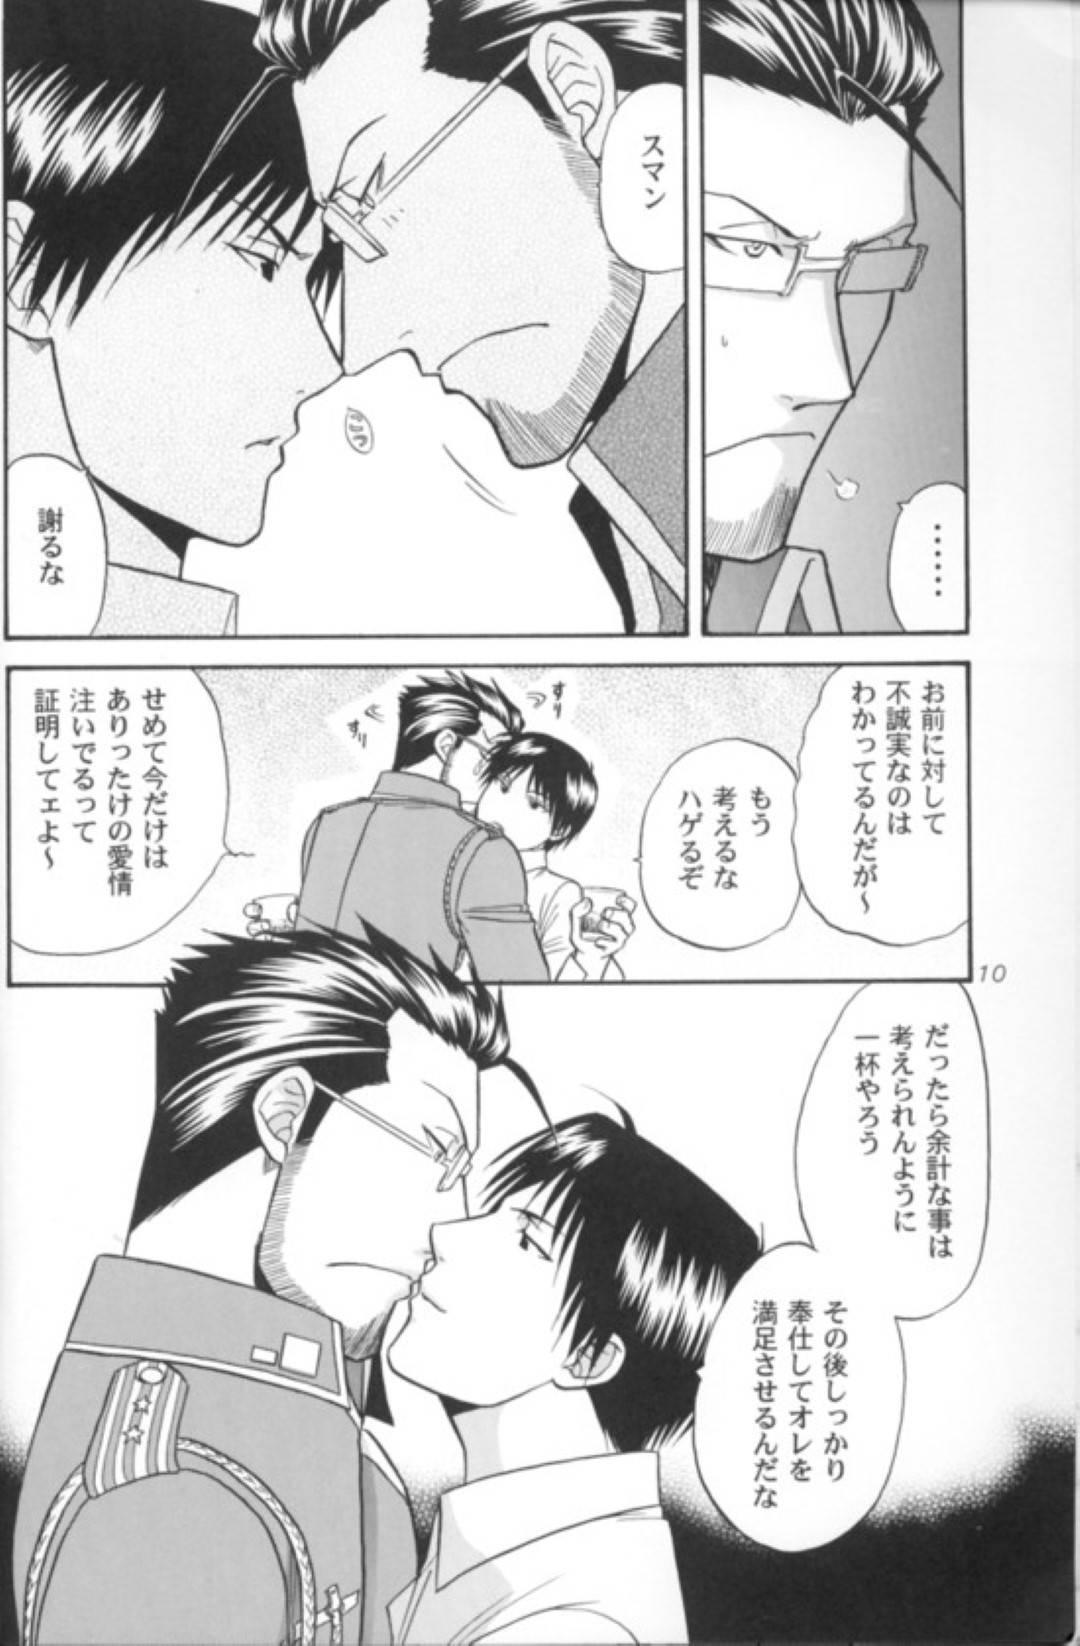 ヒューズ中佐を家に呼んだロイ…お酒を取り上げたヒューズはロイにキスをすると押し倒し不倫セックスをする。